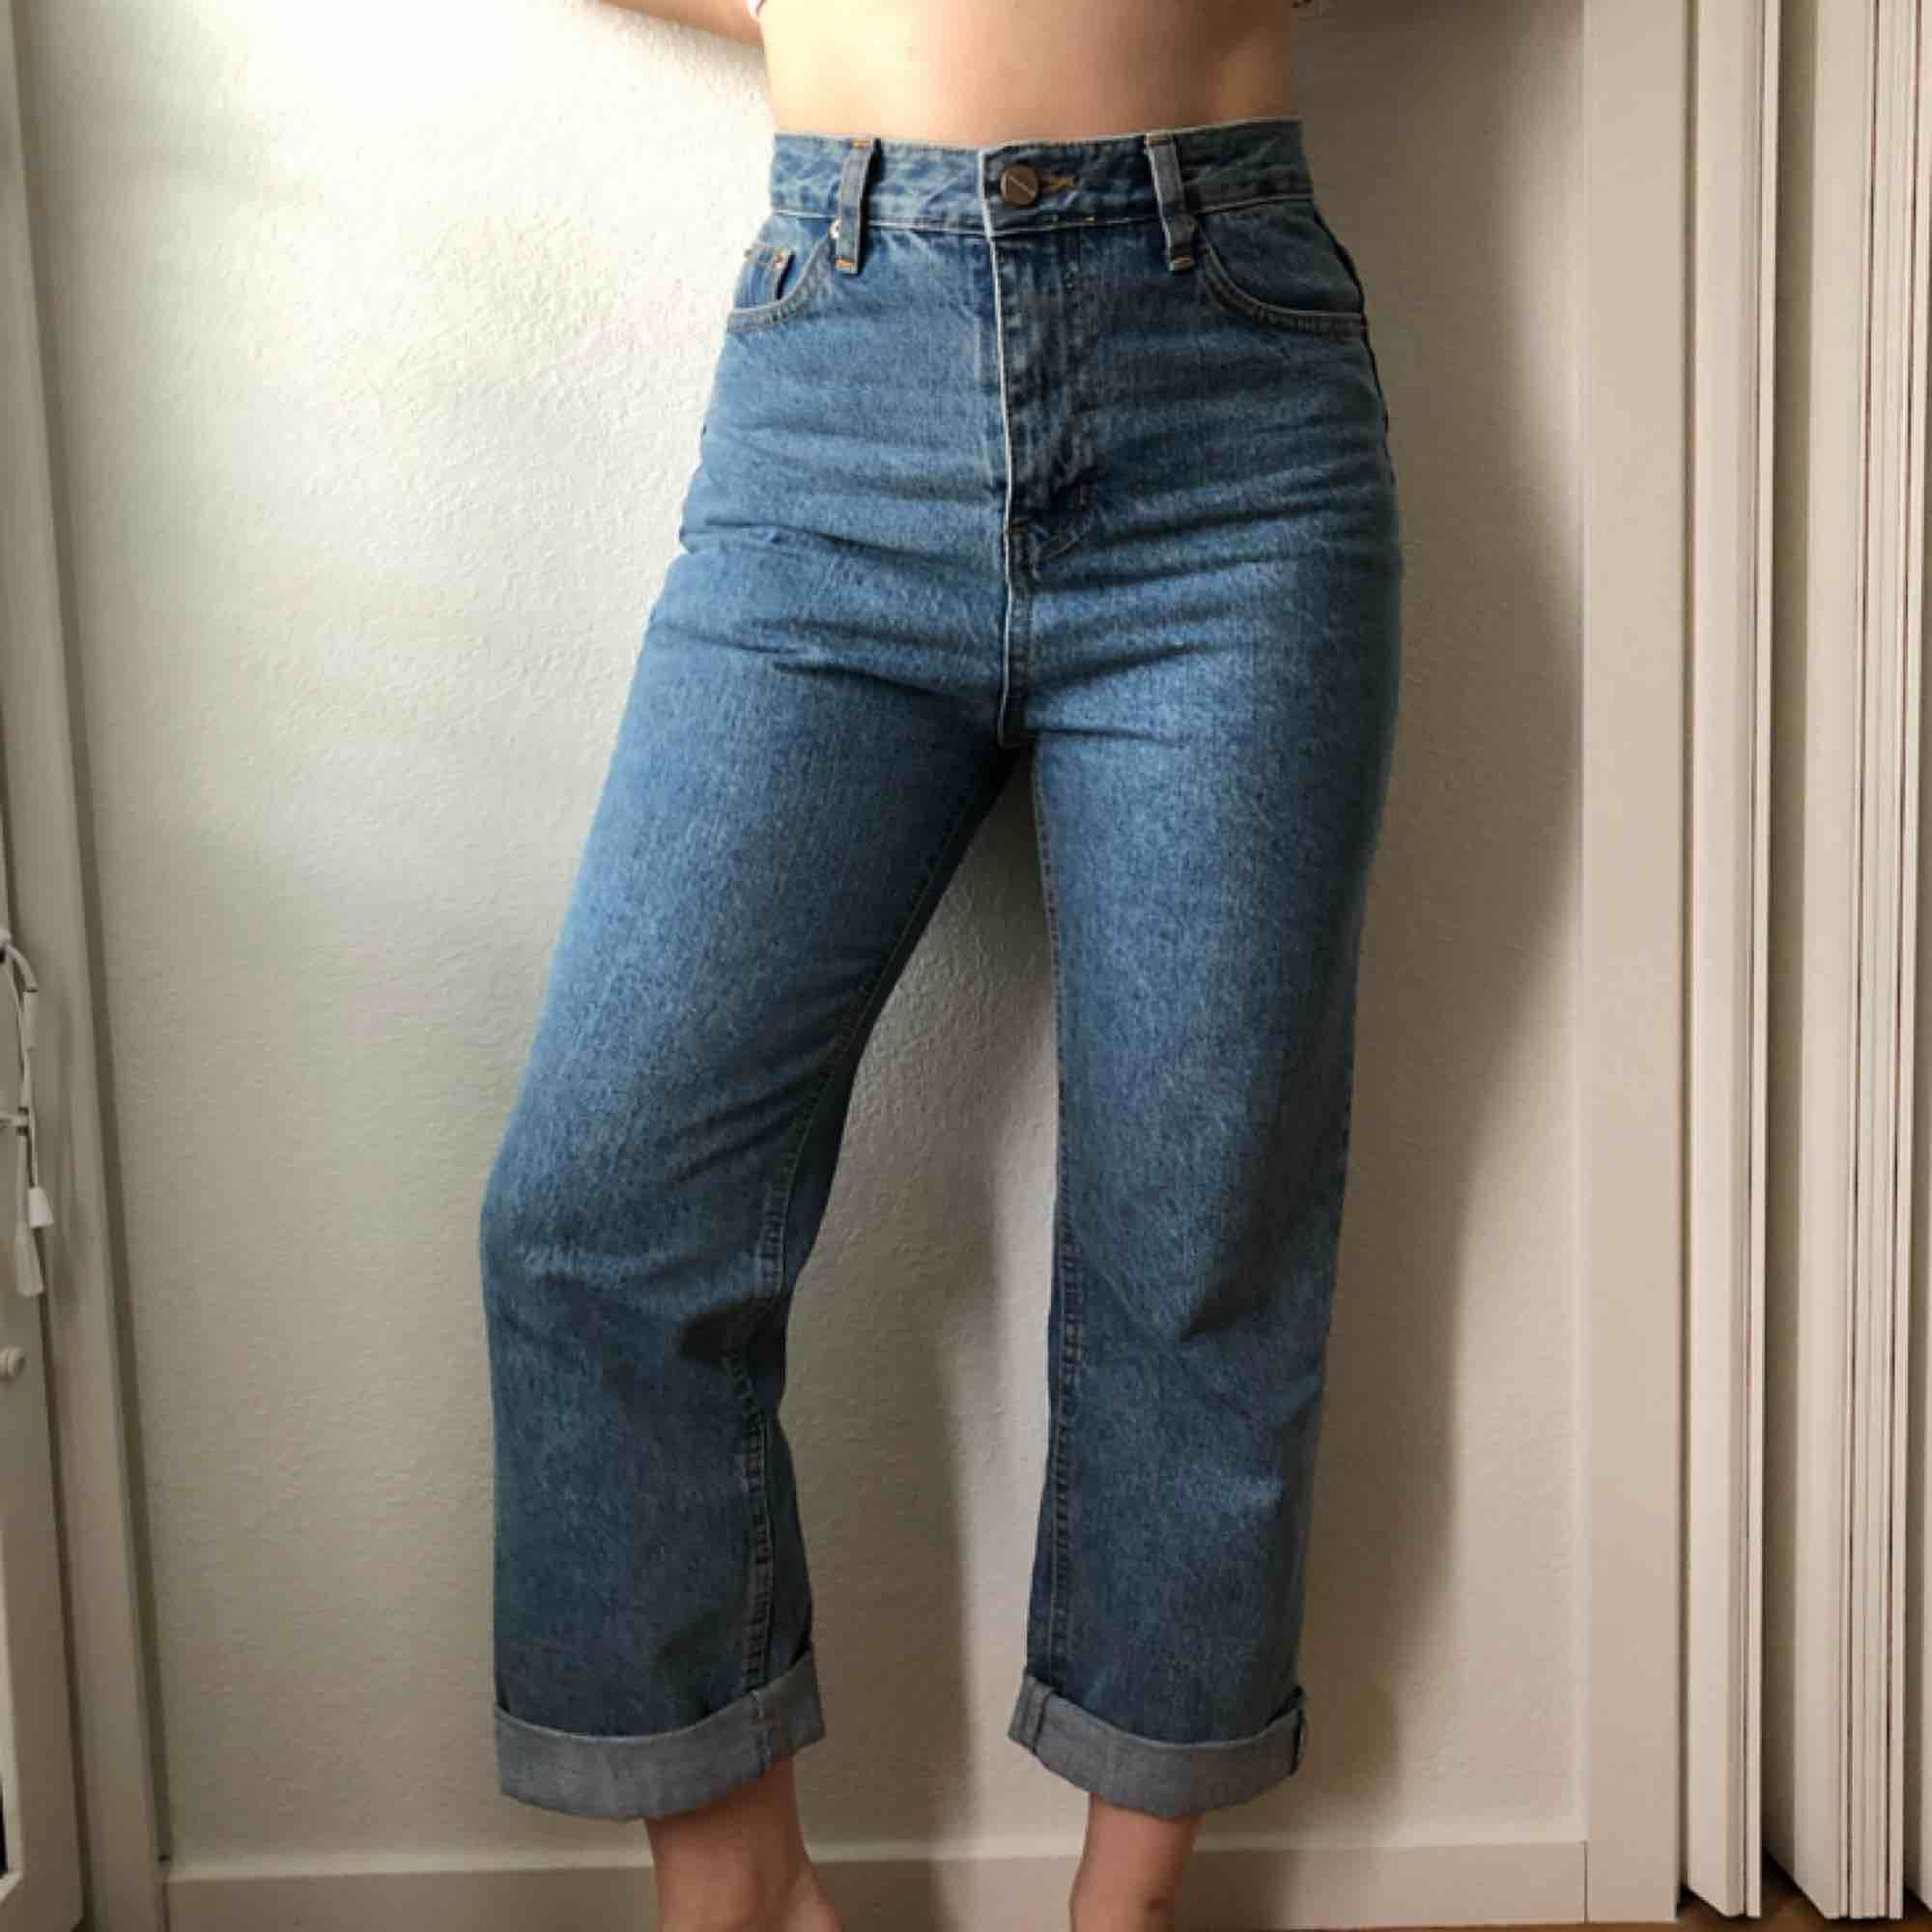 Jeans 100% bomull från STYLENANDA. Hög midja, vida ben. Mina mått: 64 cm midja, 92 cm höfter. 158 cm lång.. Jeans & Byxor.